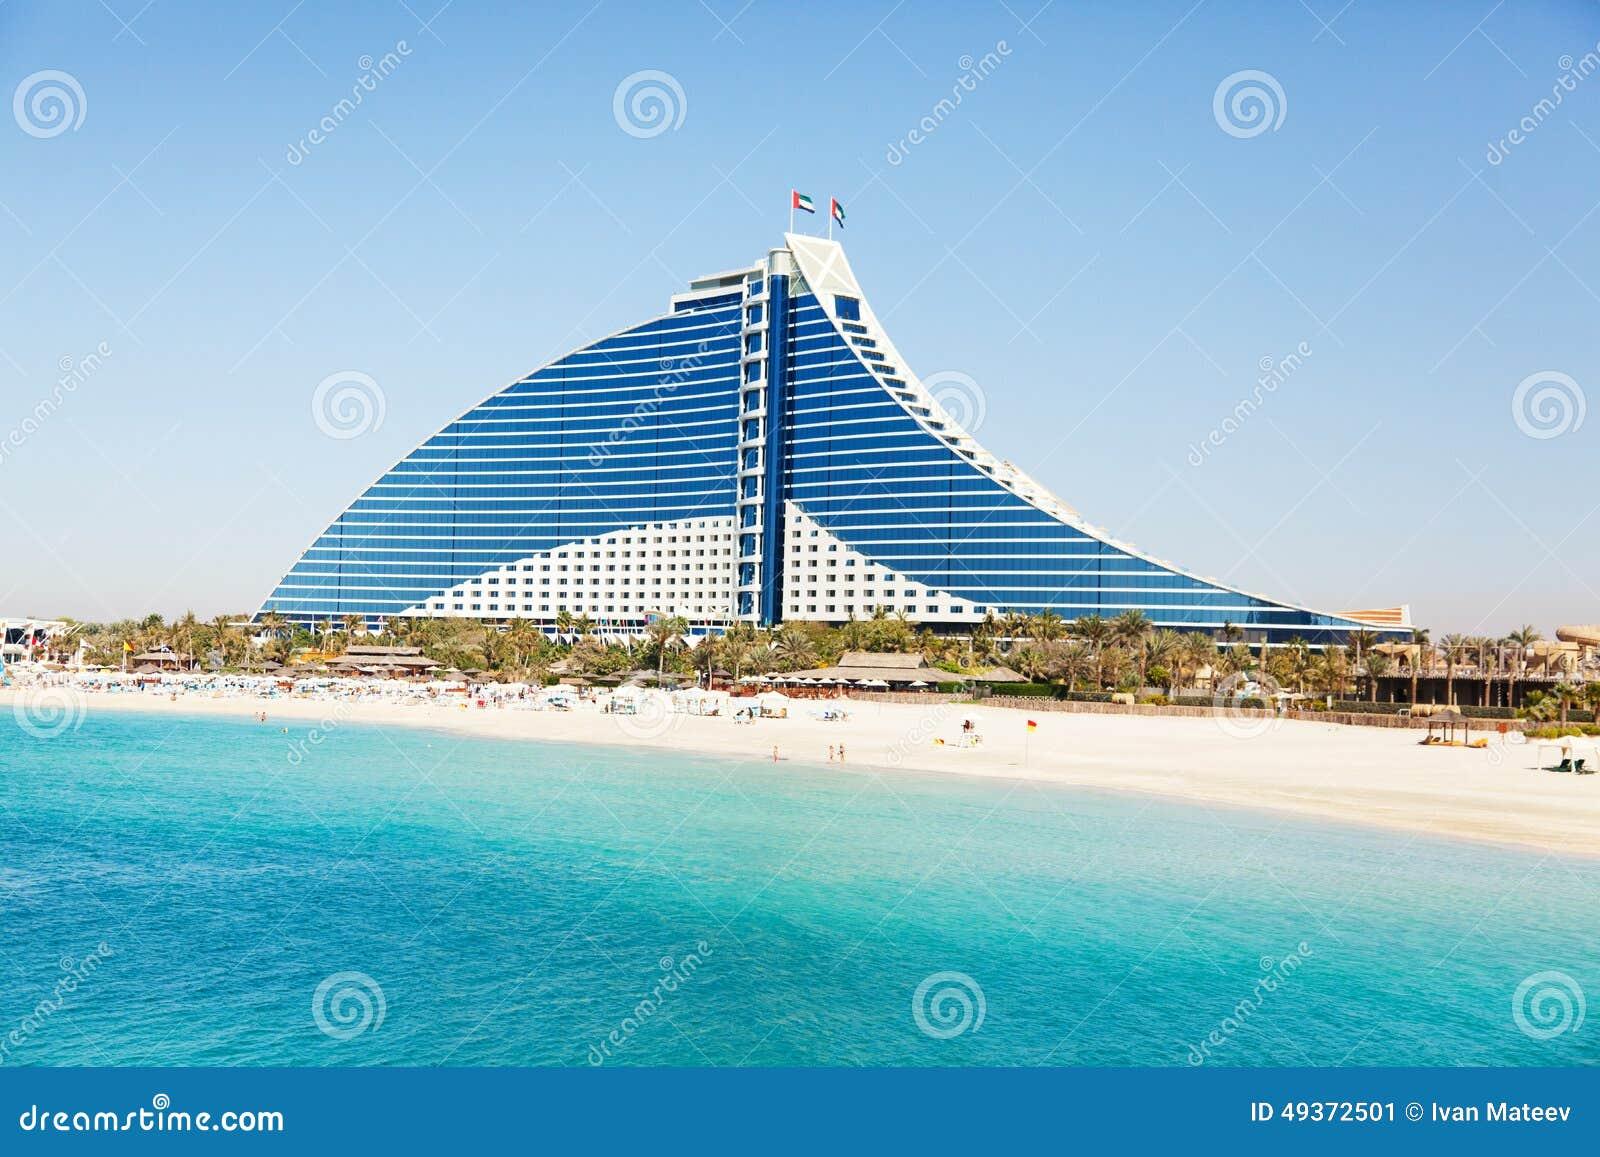 Jumeirah beach hotel dubai editorial photo image 49372501 for Top beach hotels dubai